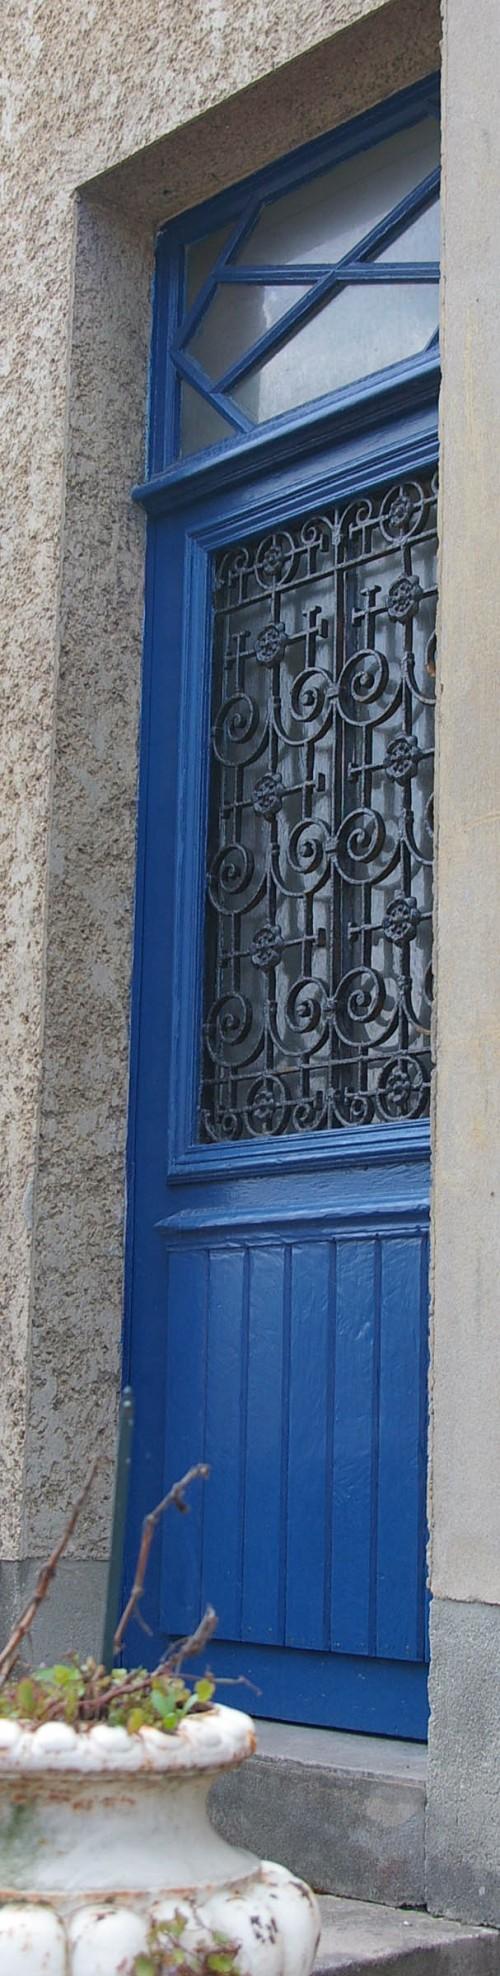 Tür mit schwarzem Gitter St Aubin Normandie